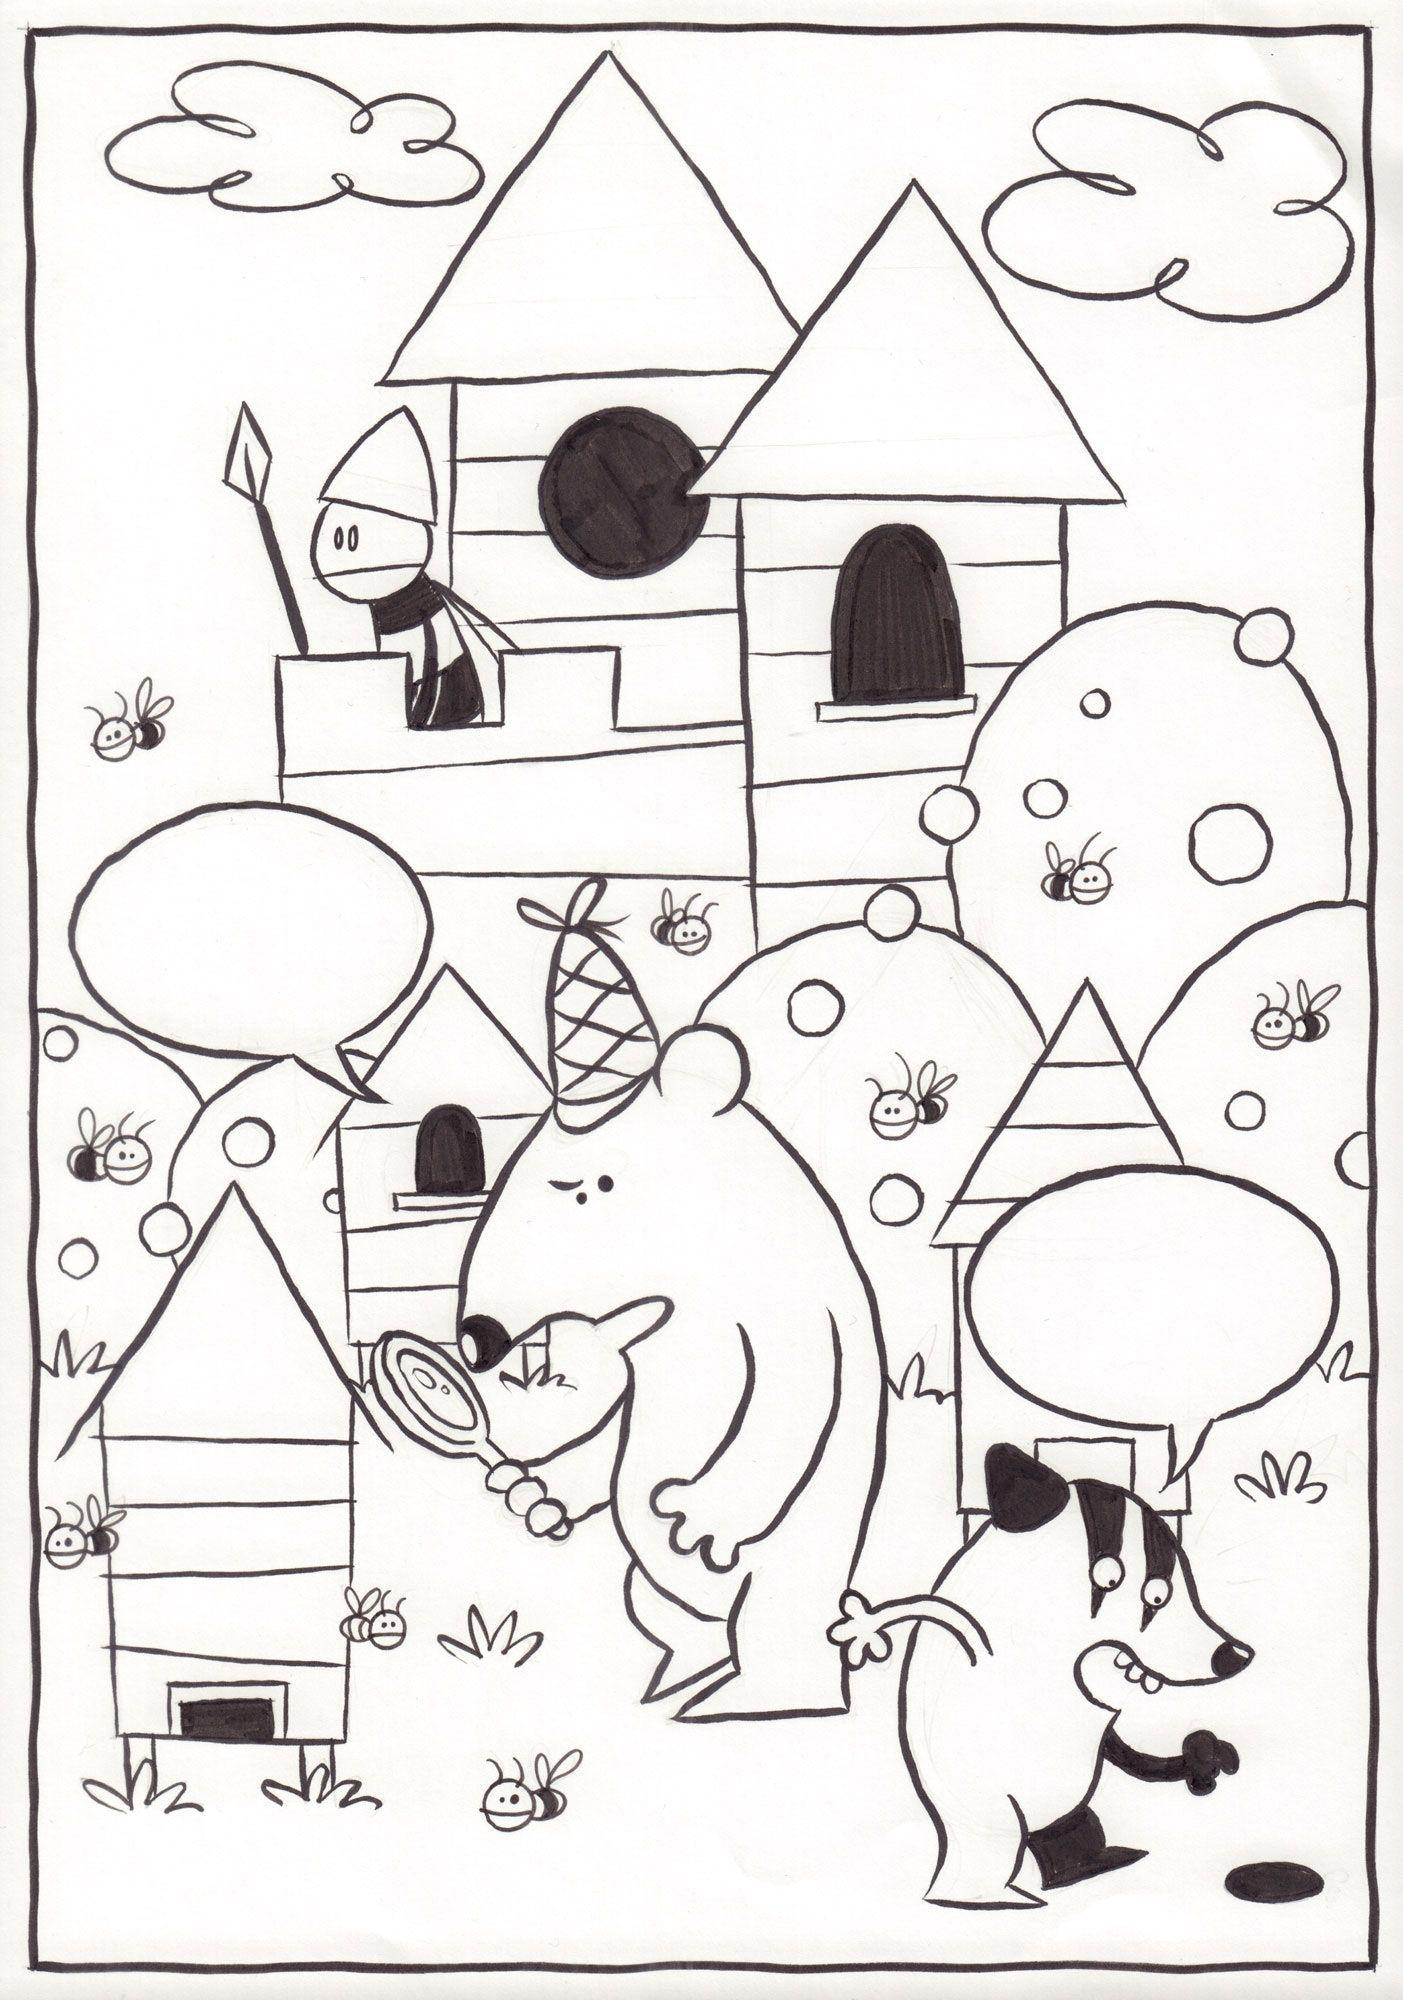 Detektyw Miś Zbyś na tropie. Lis, ule i miodowe kule, s. 6